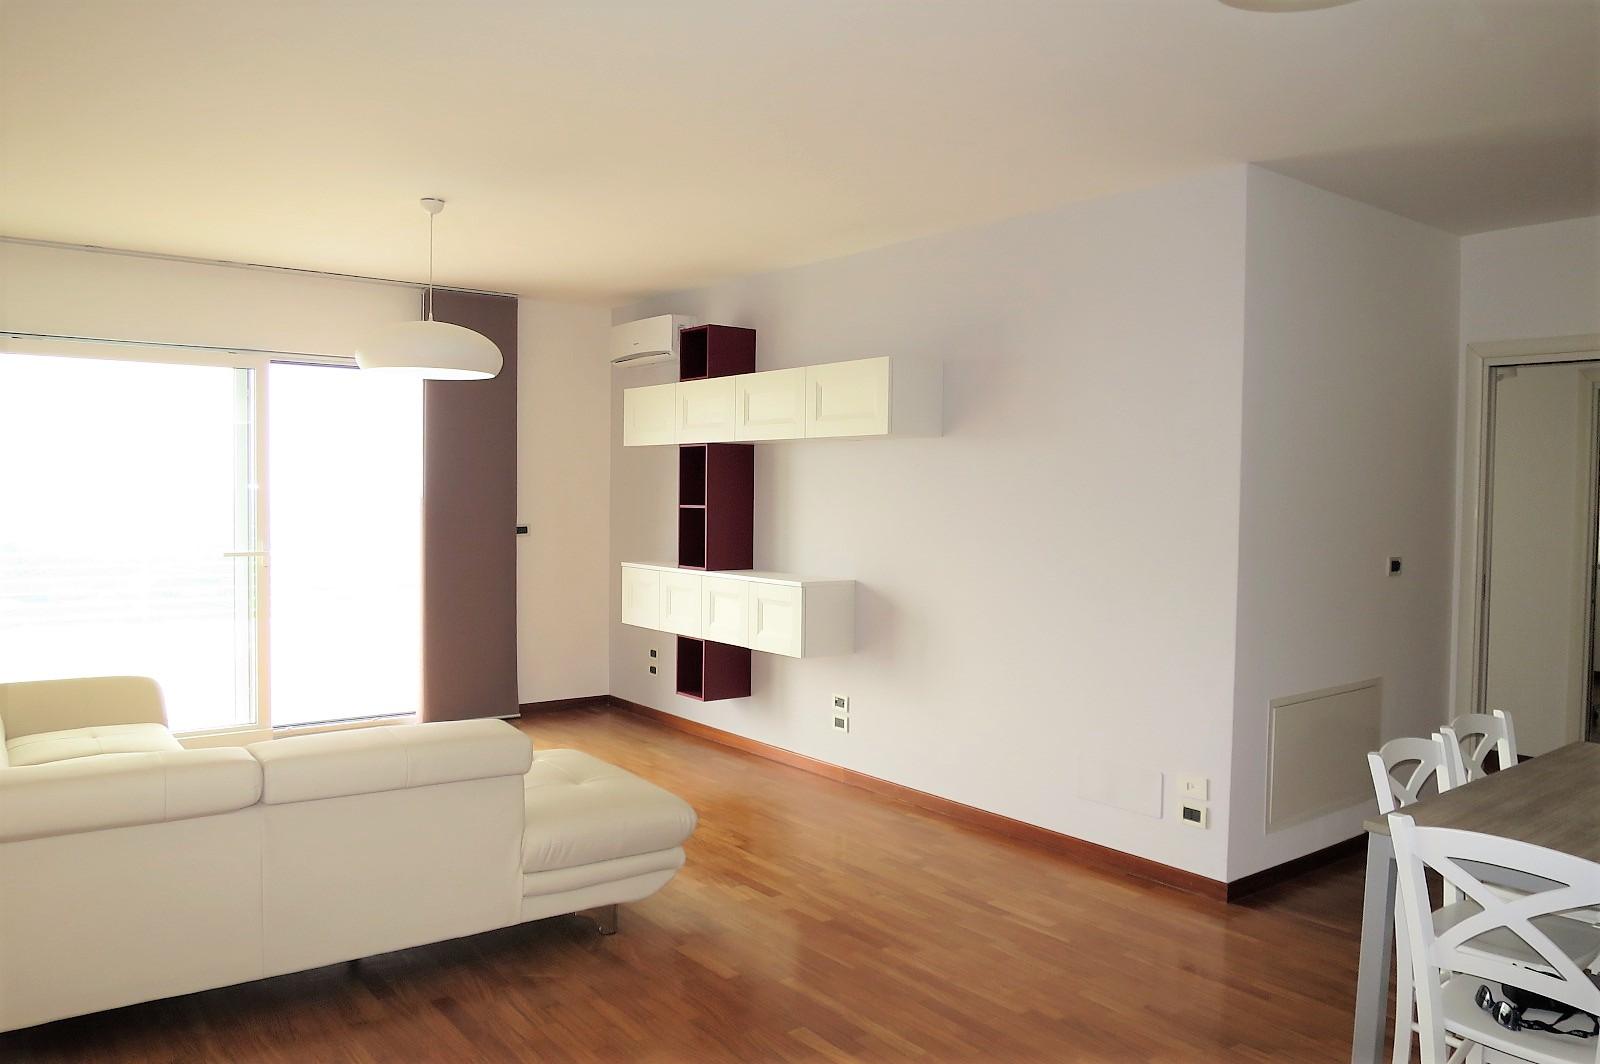 Apartament Apartament for sale Città Sant'Angelo (PE), Appartamento Belvedere - Città Sant'Angelo - EUR 262.881 290